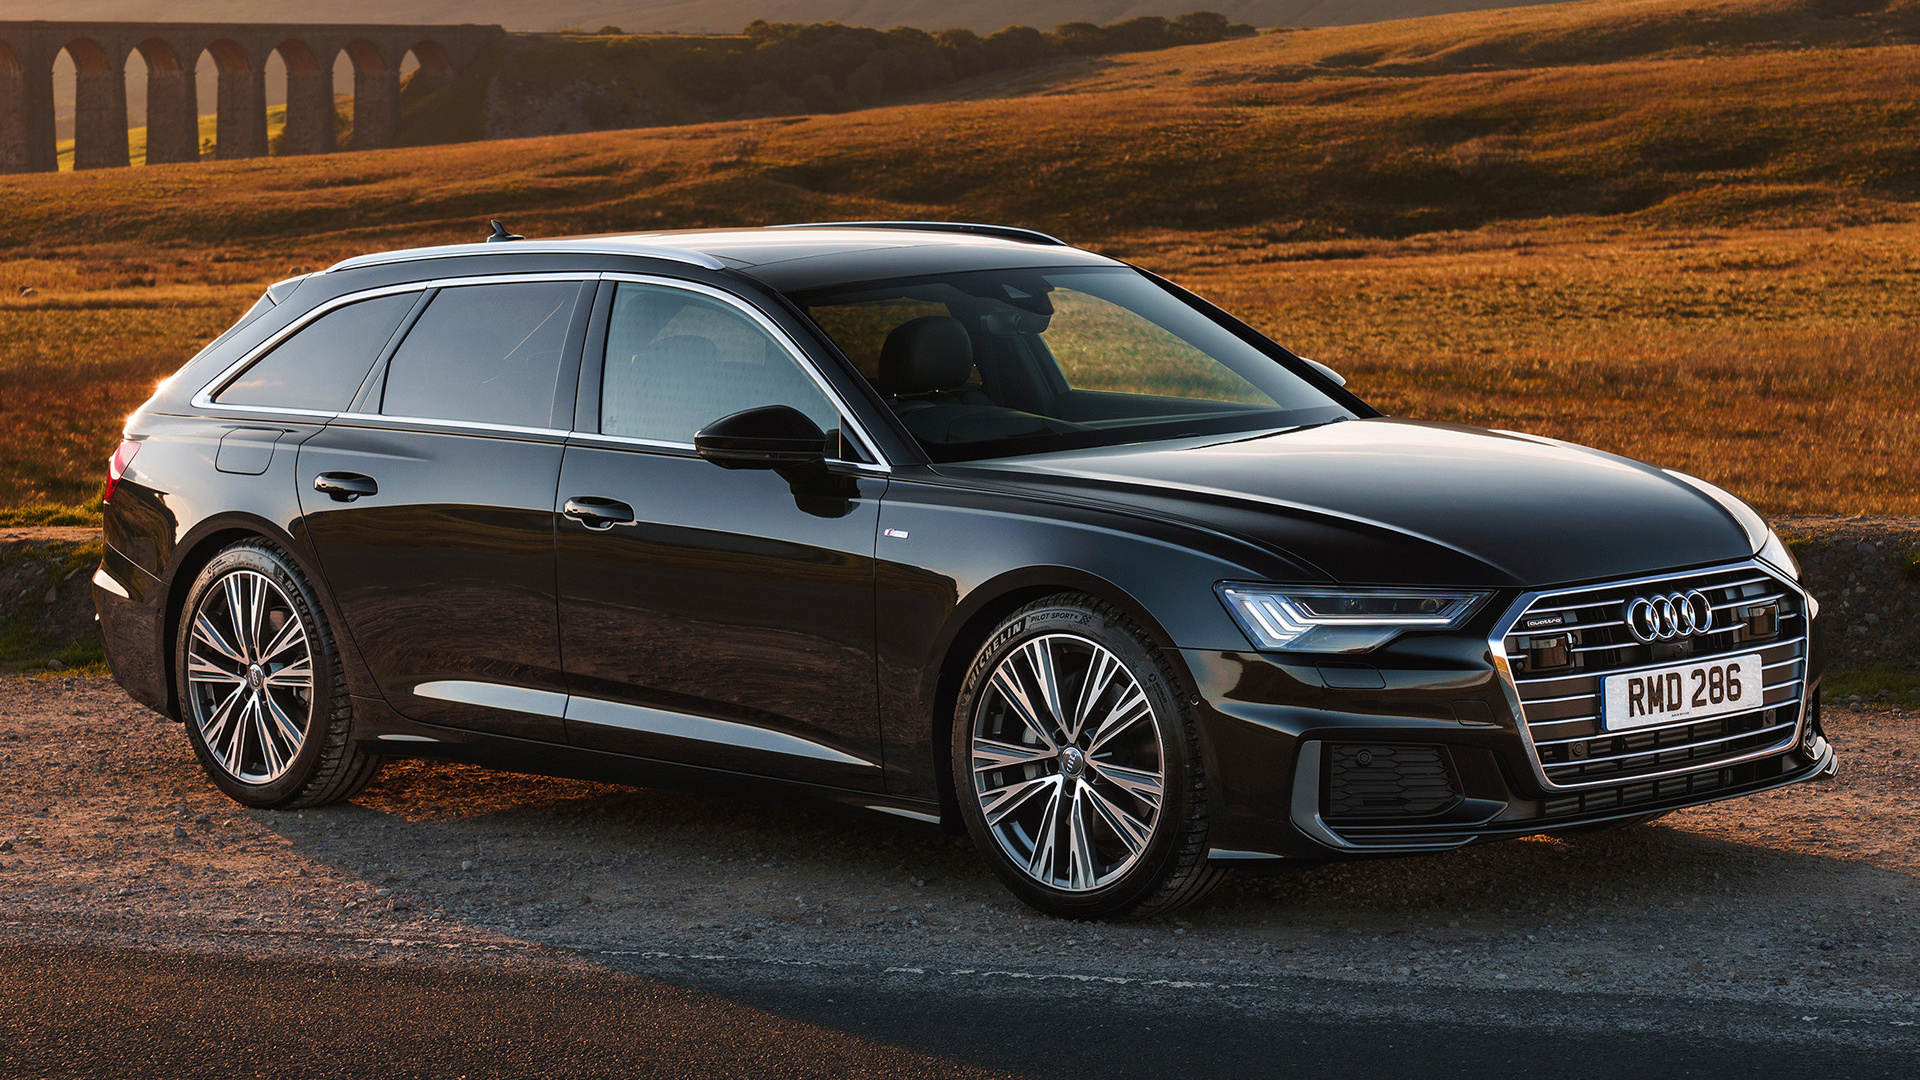 Audi A Avant S Line Wallpaper Hd on Gmc Sedan